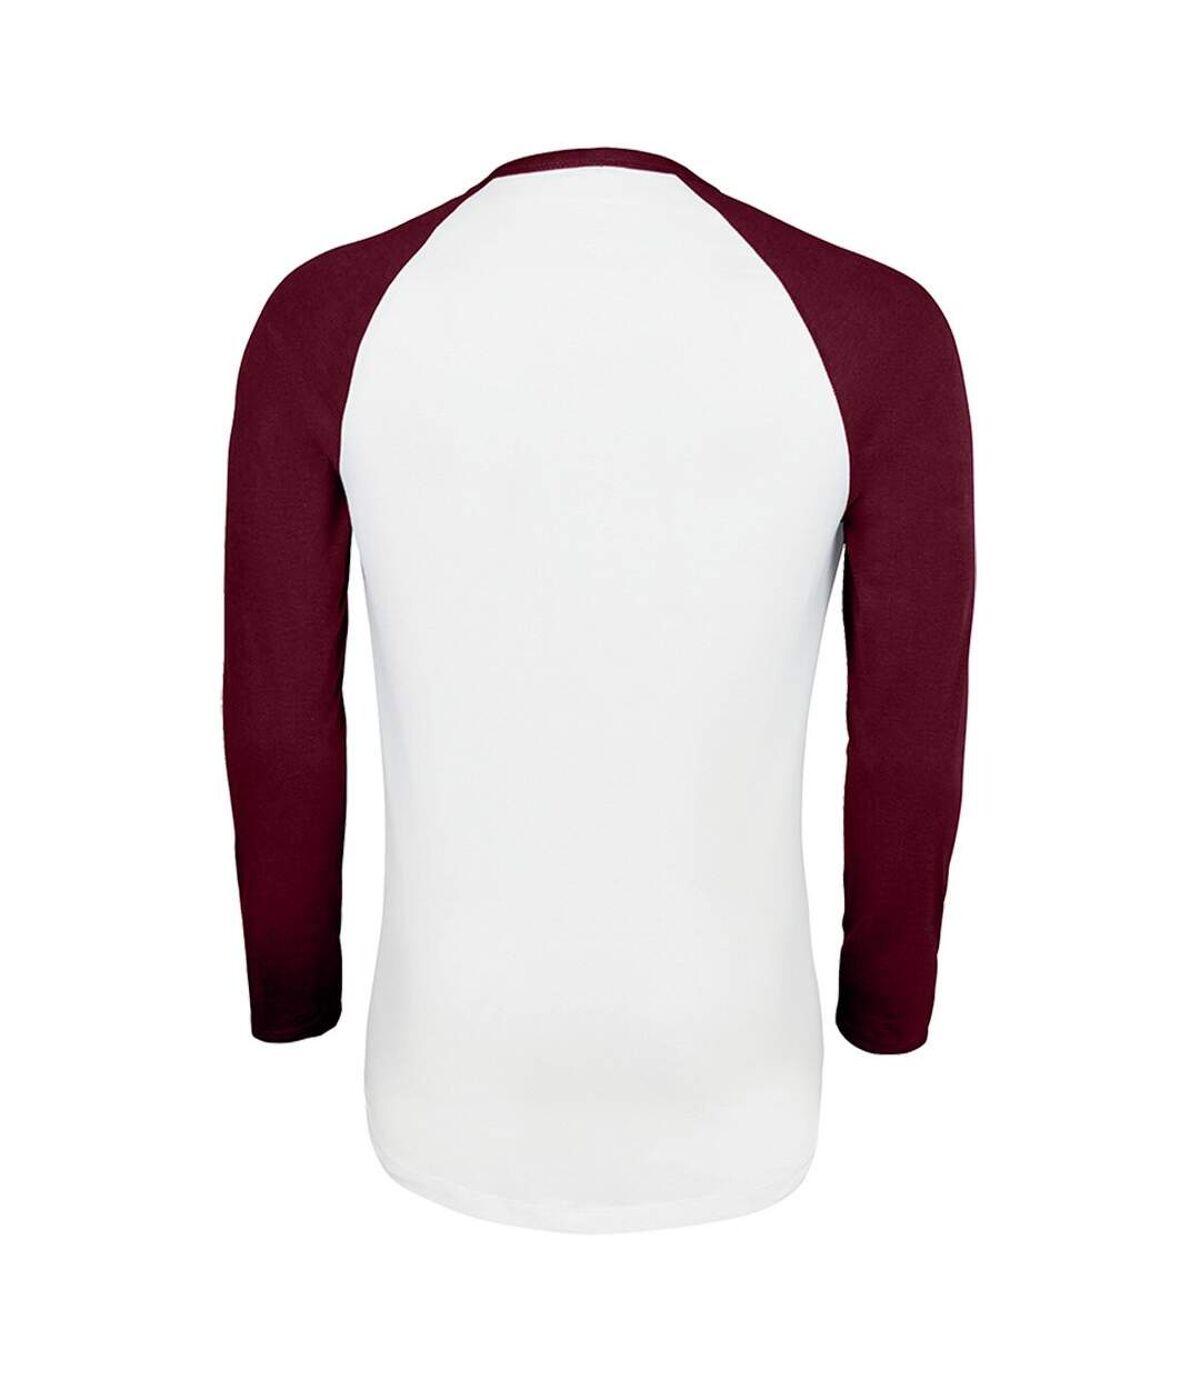 SOLS - T-shirt manches longues FUNKY - Homme (Blanc/bordeaux) - UTPC3513